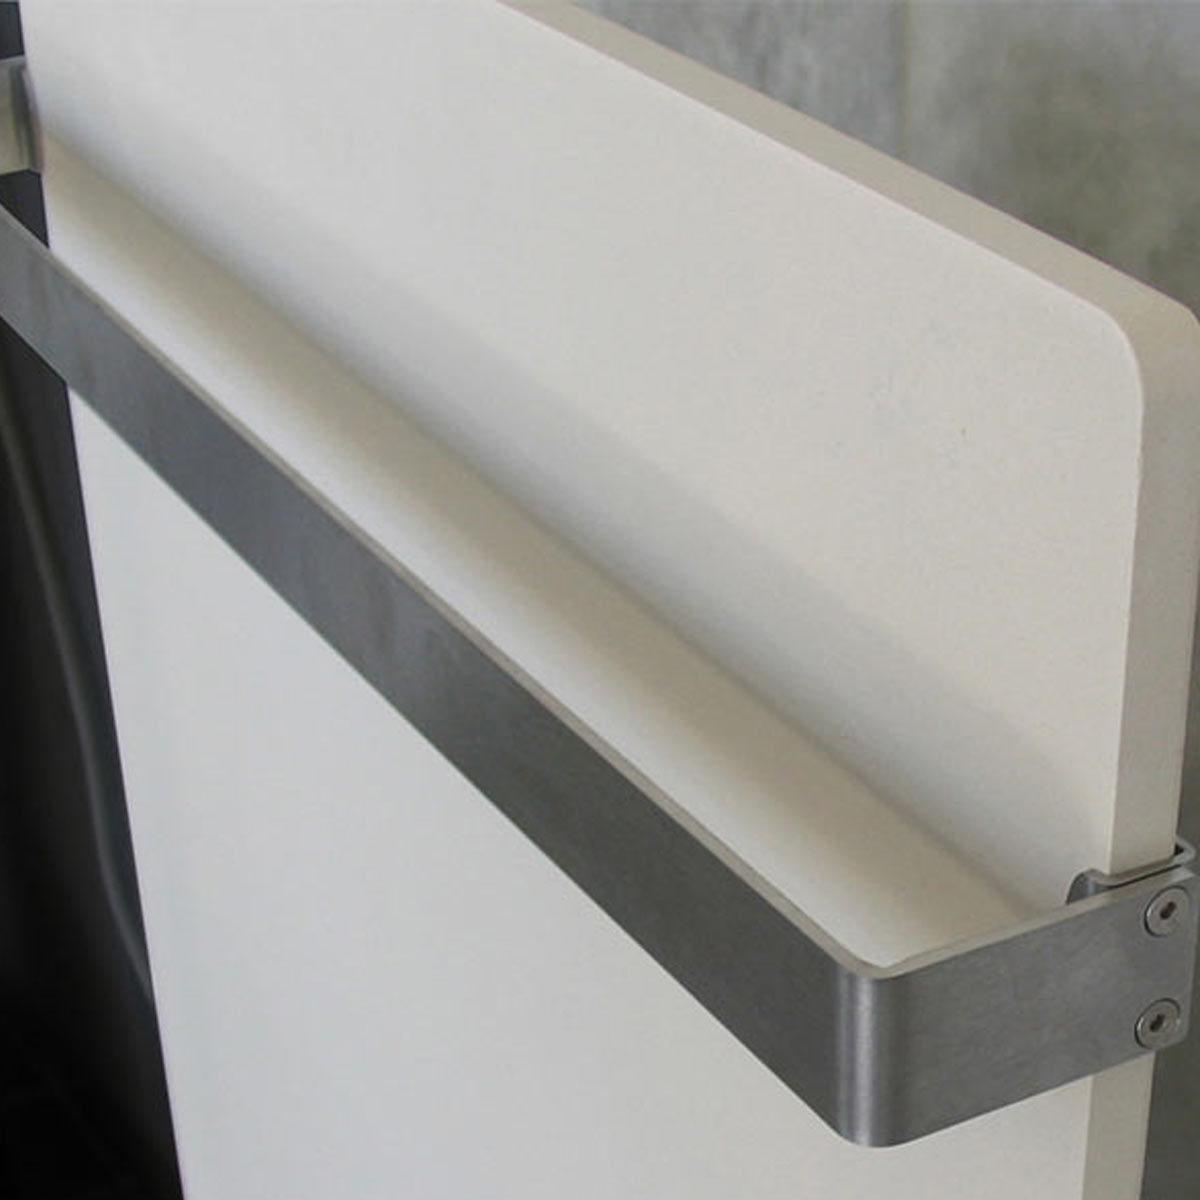 Barre inox 51 cm pour radiateur